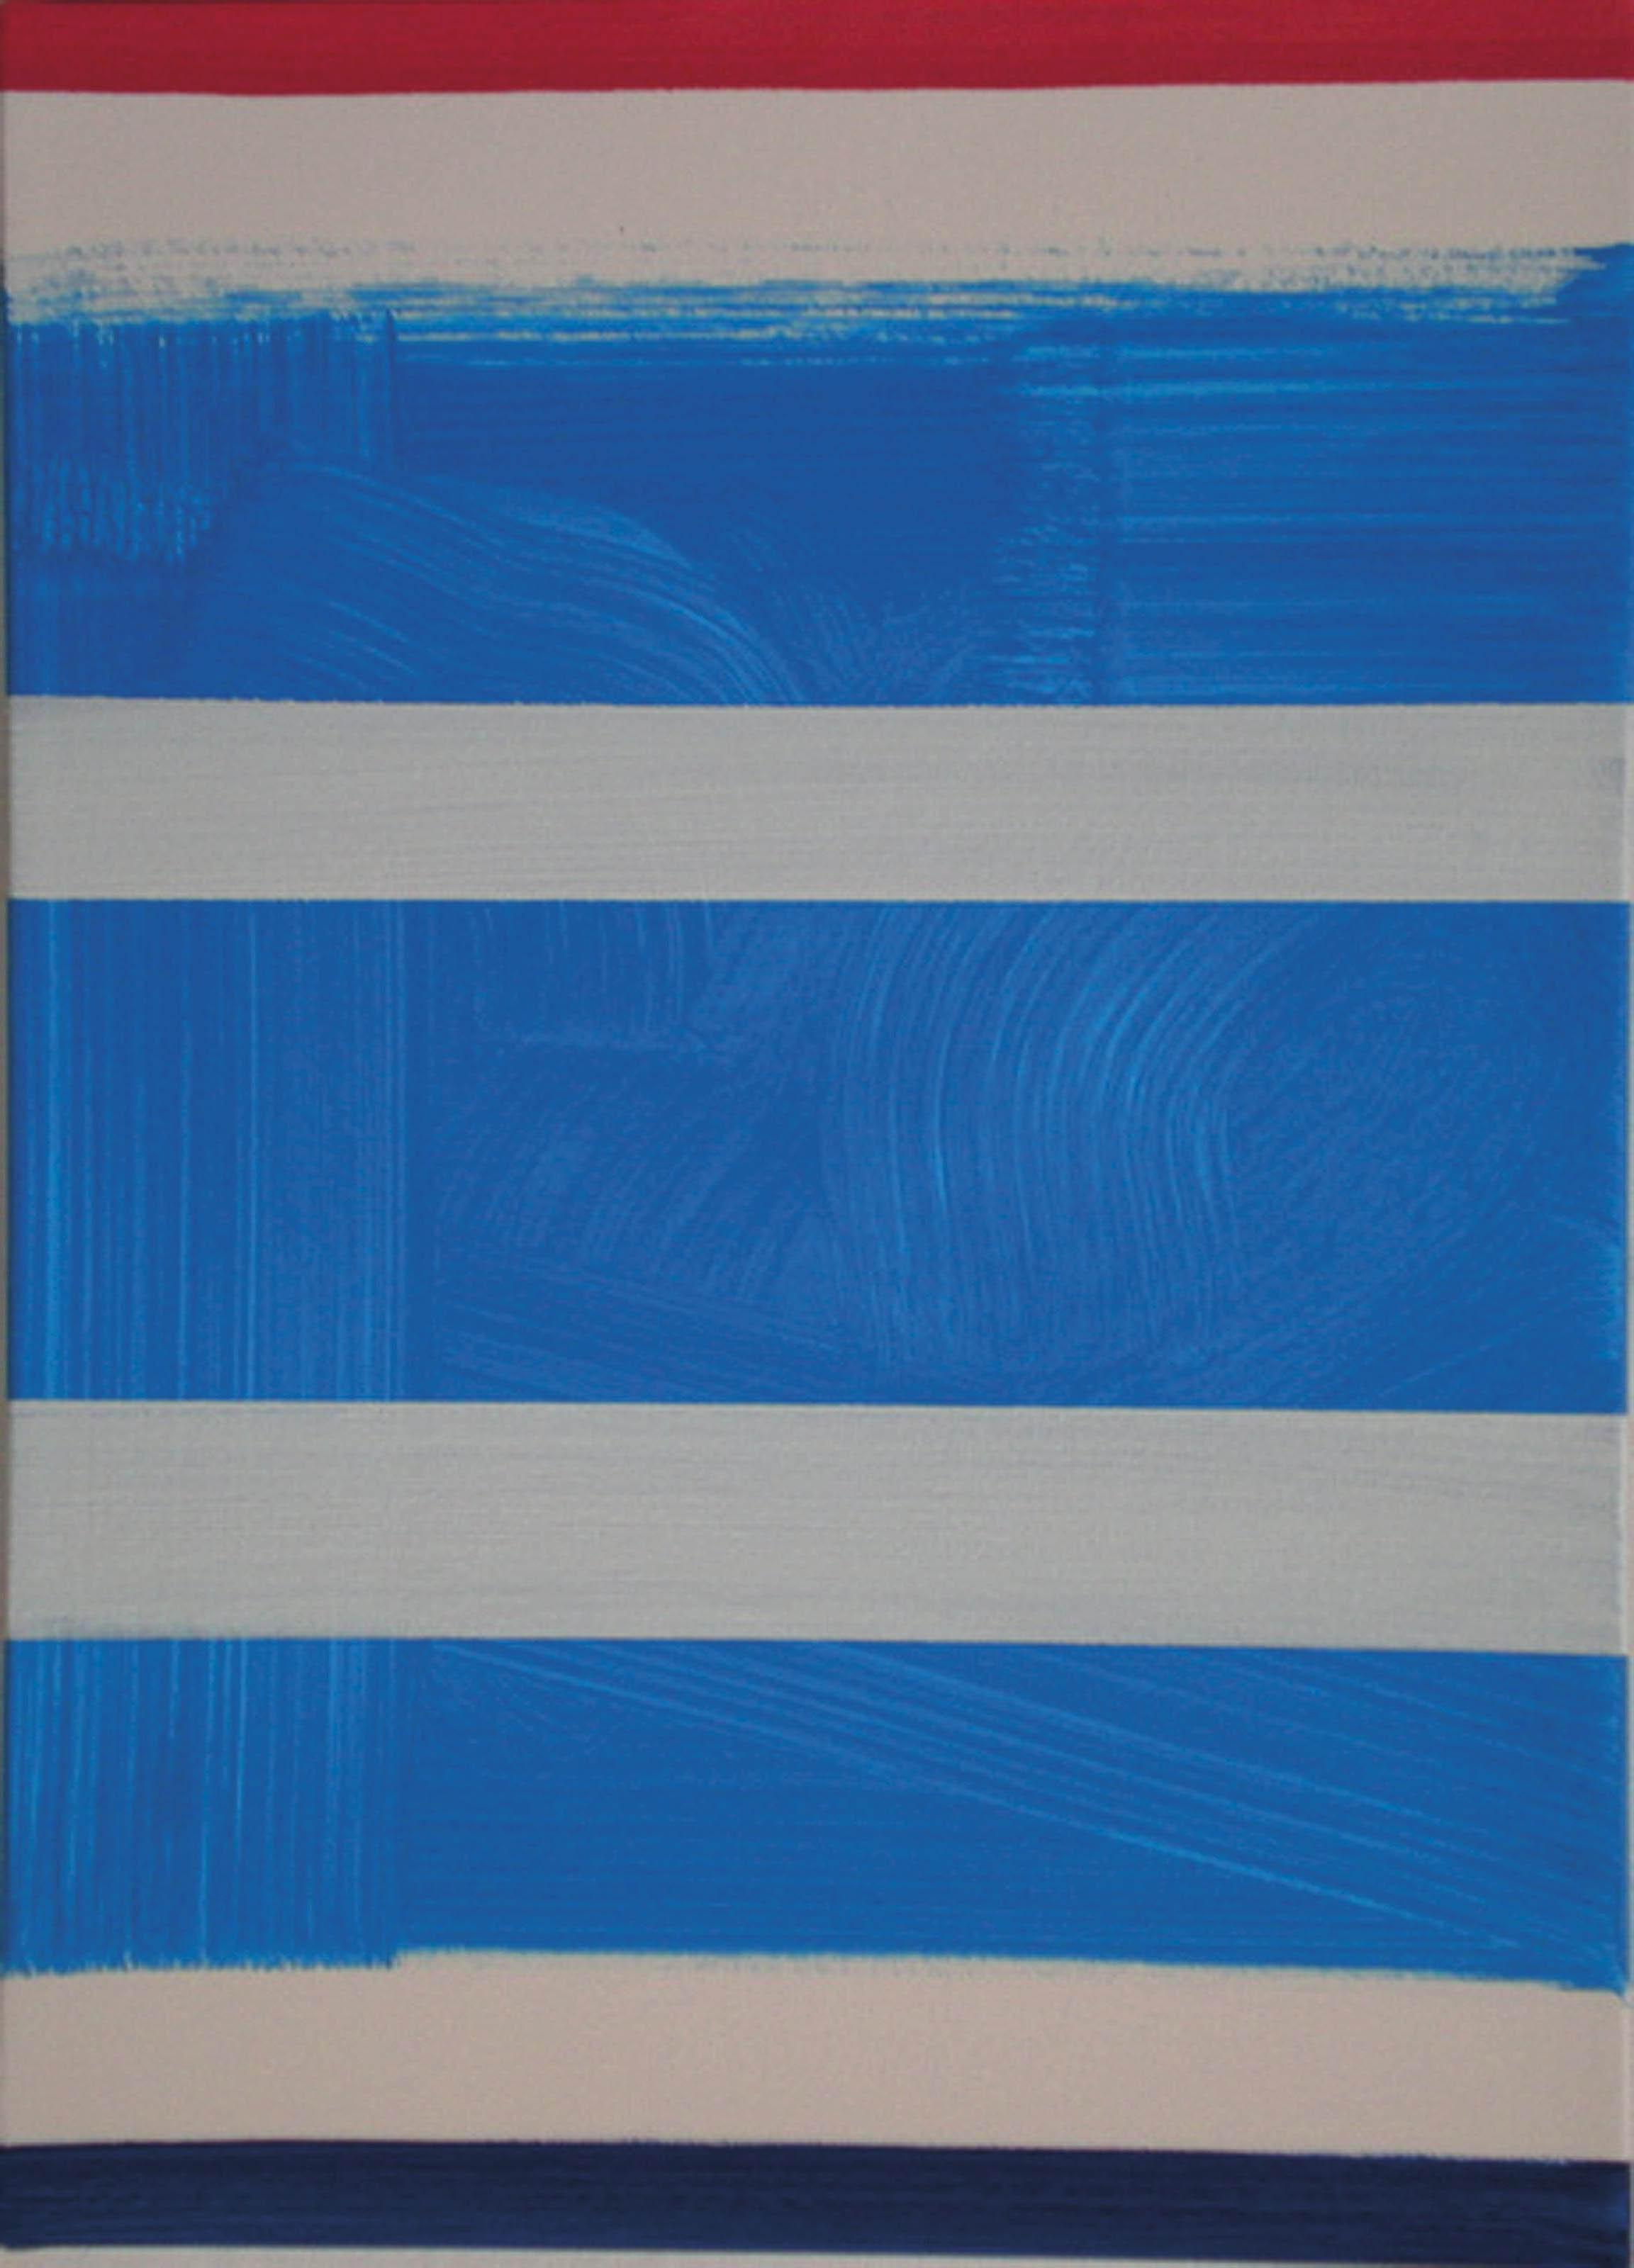 Alistair Frost (b. 1981)